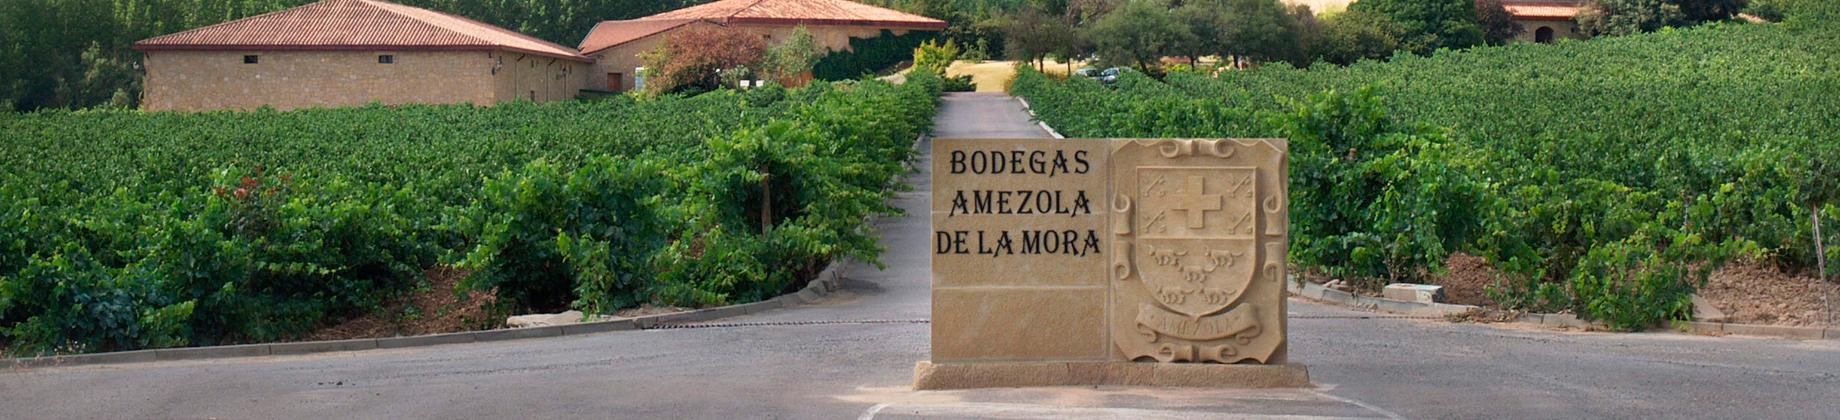 Bodegas Amézola de la Mora